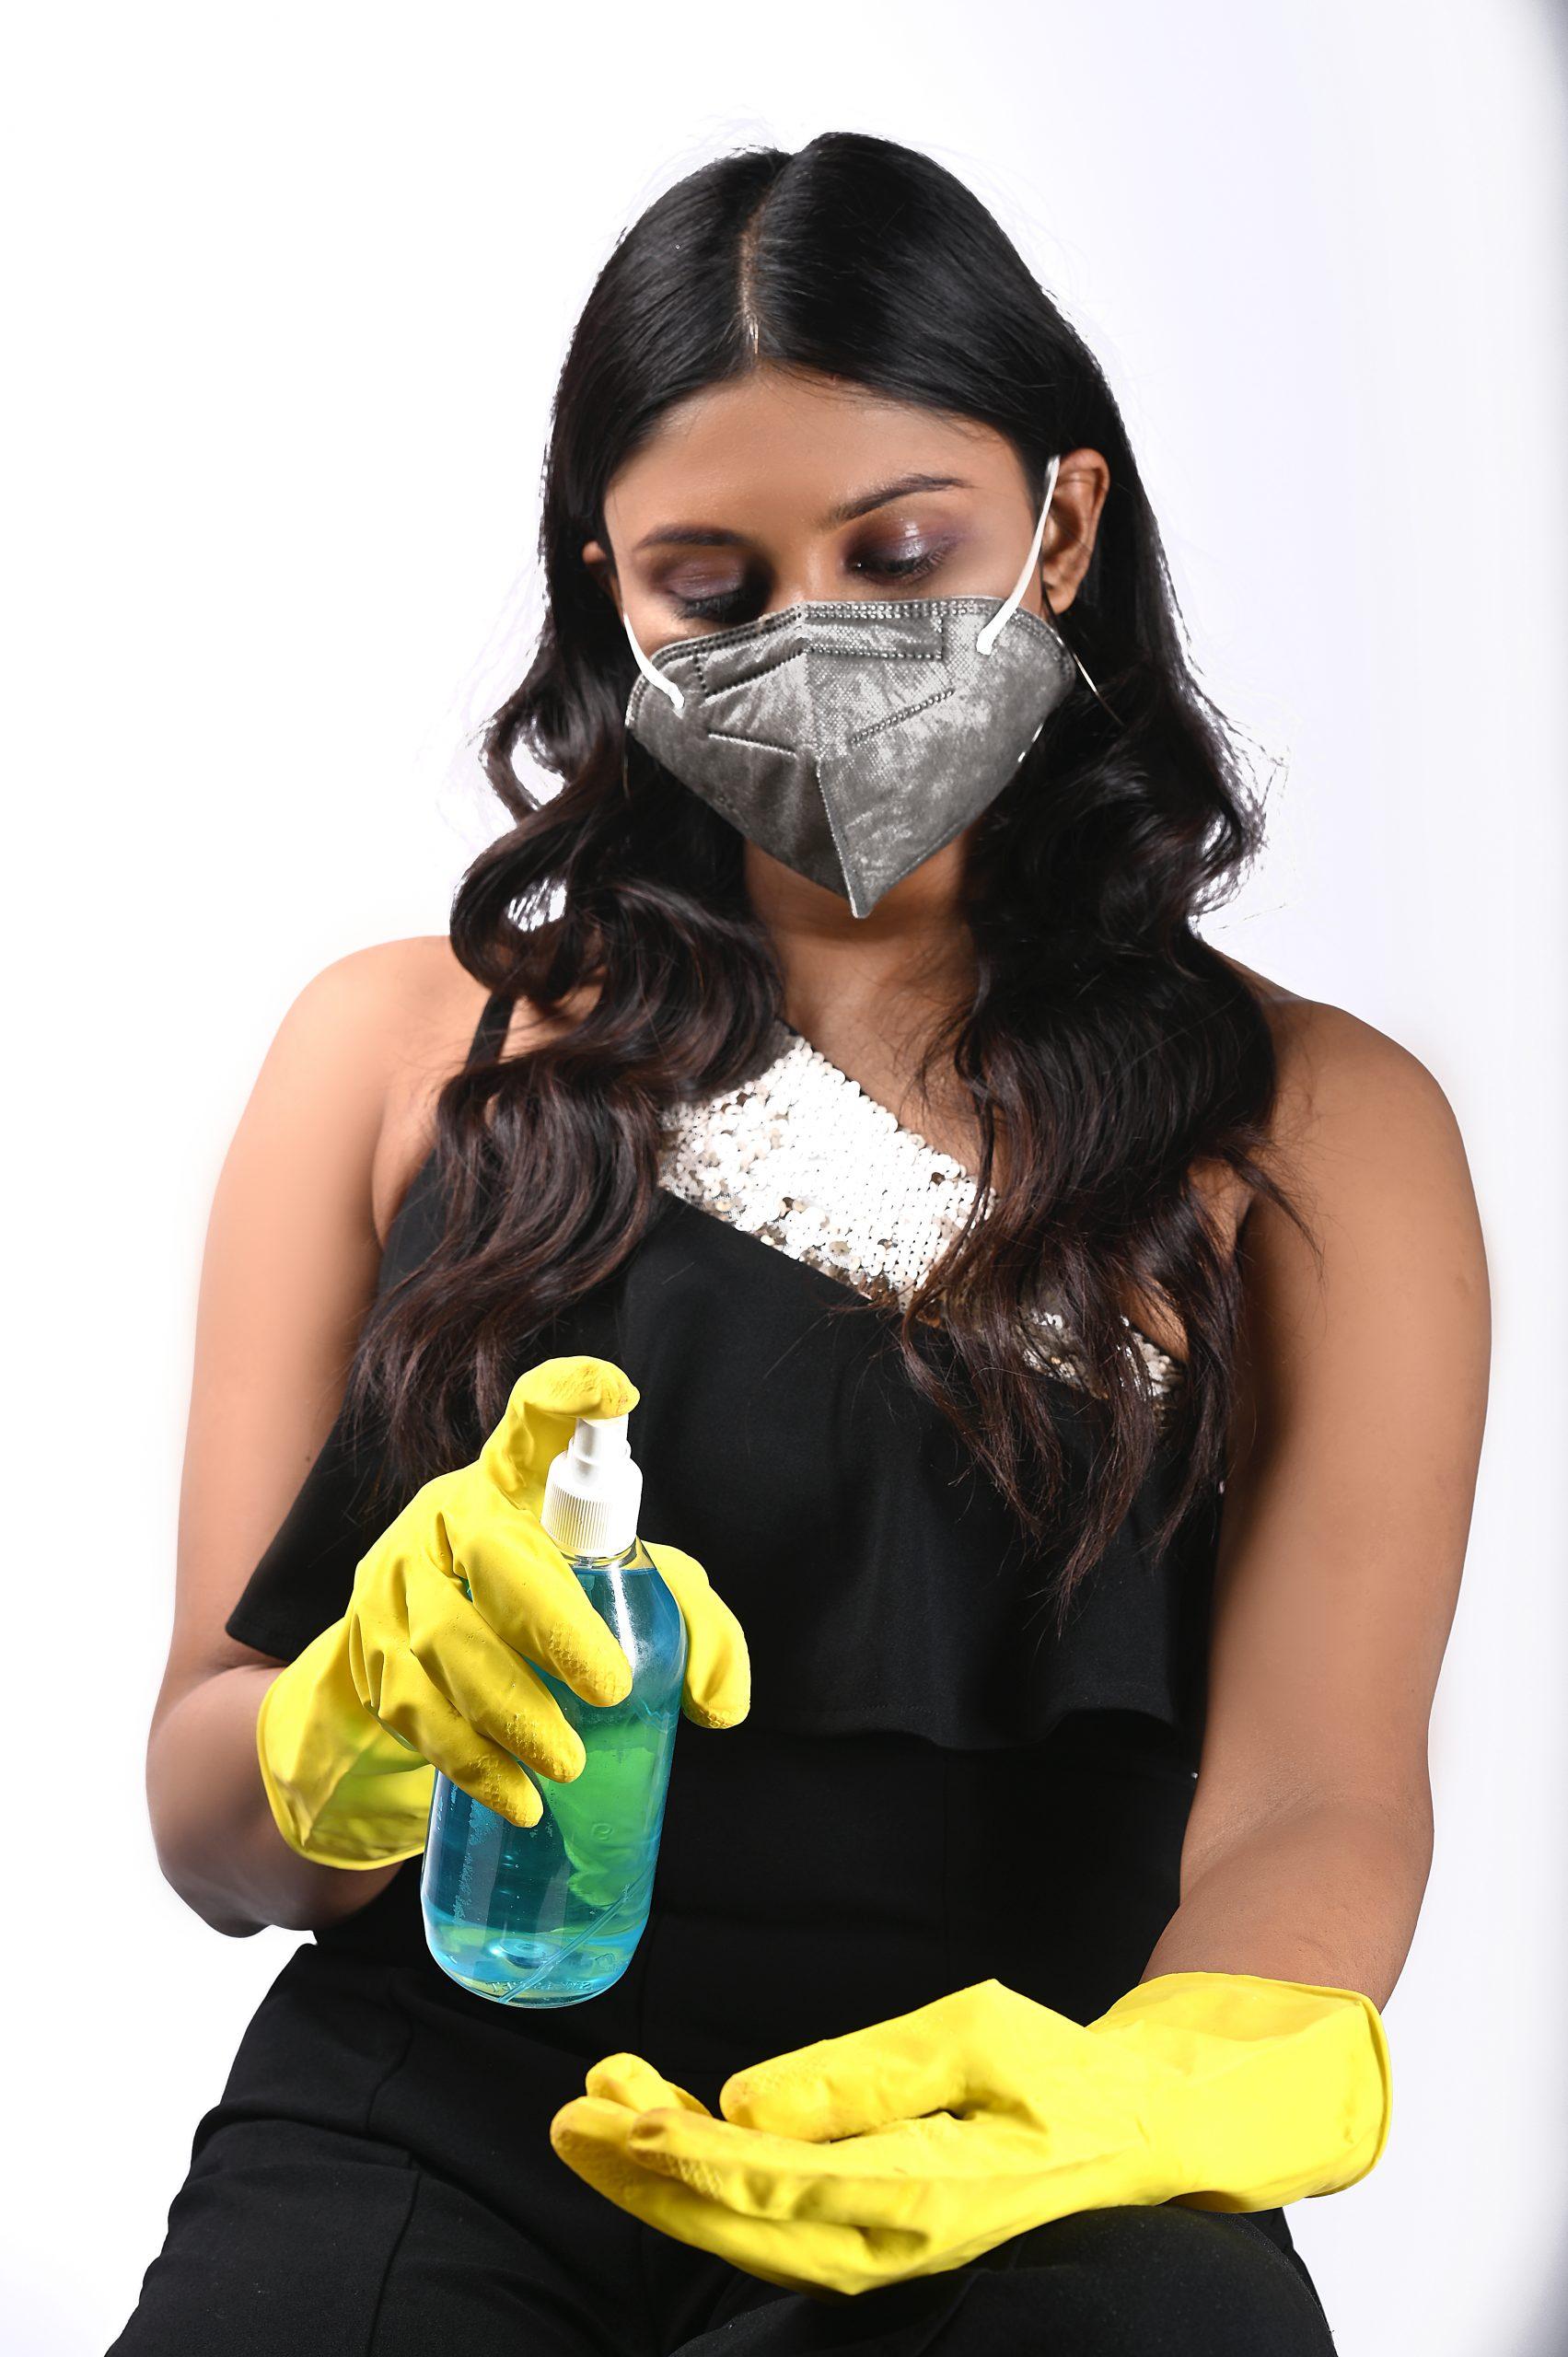 Girl sanitizing her hand